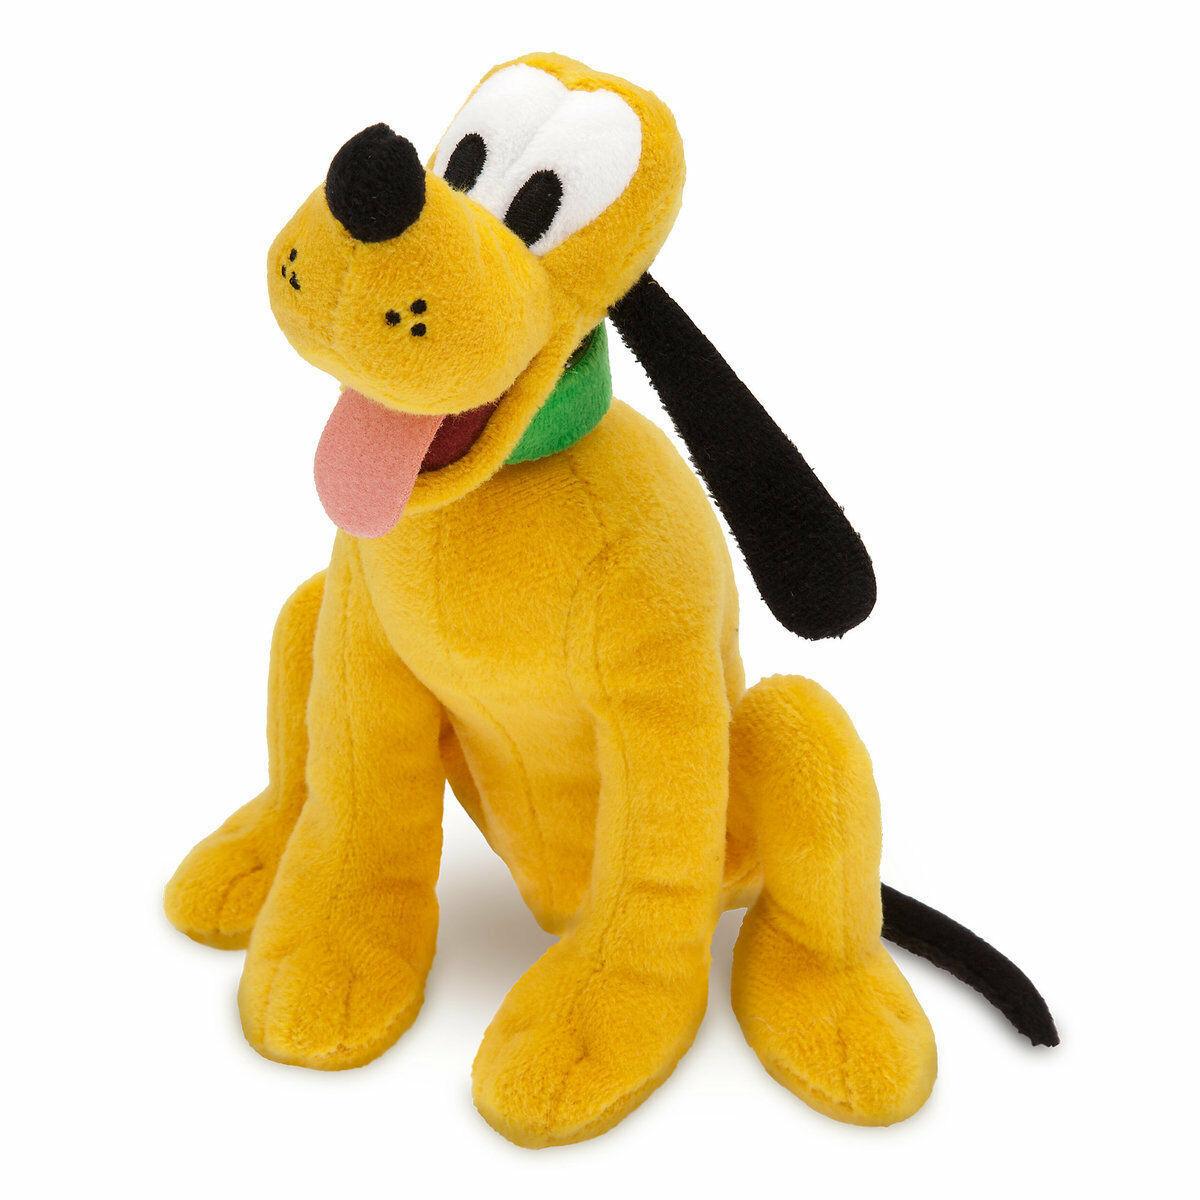 Disney Store Pluto Plush Mini Bean Bag 8'' New with Tag